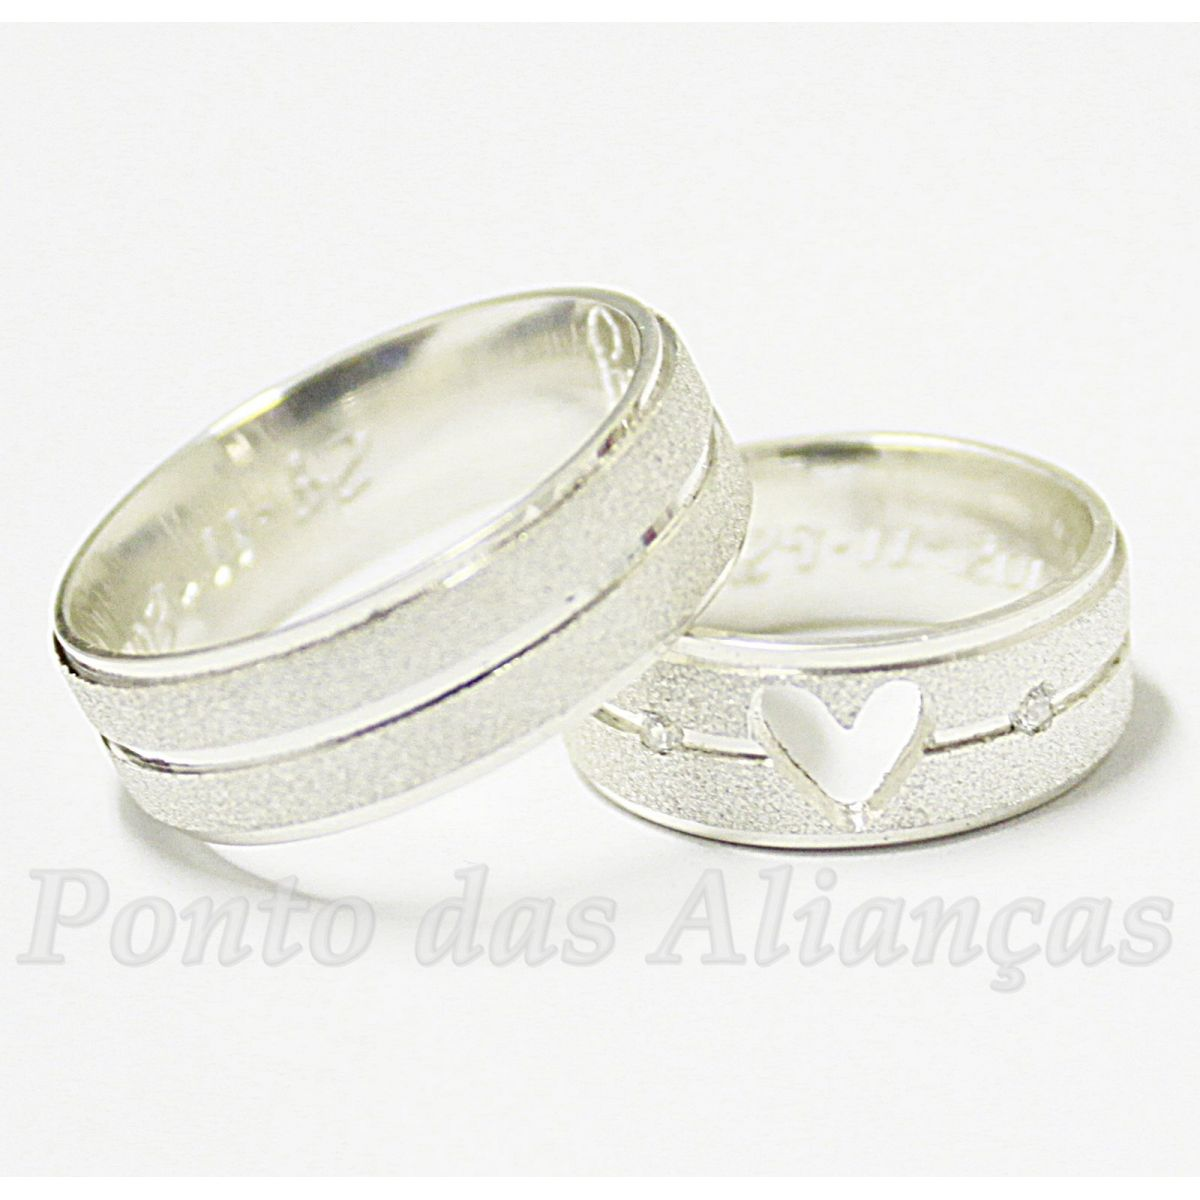 Alianças de Prata Compromisso - 952P